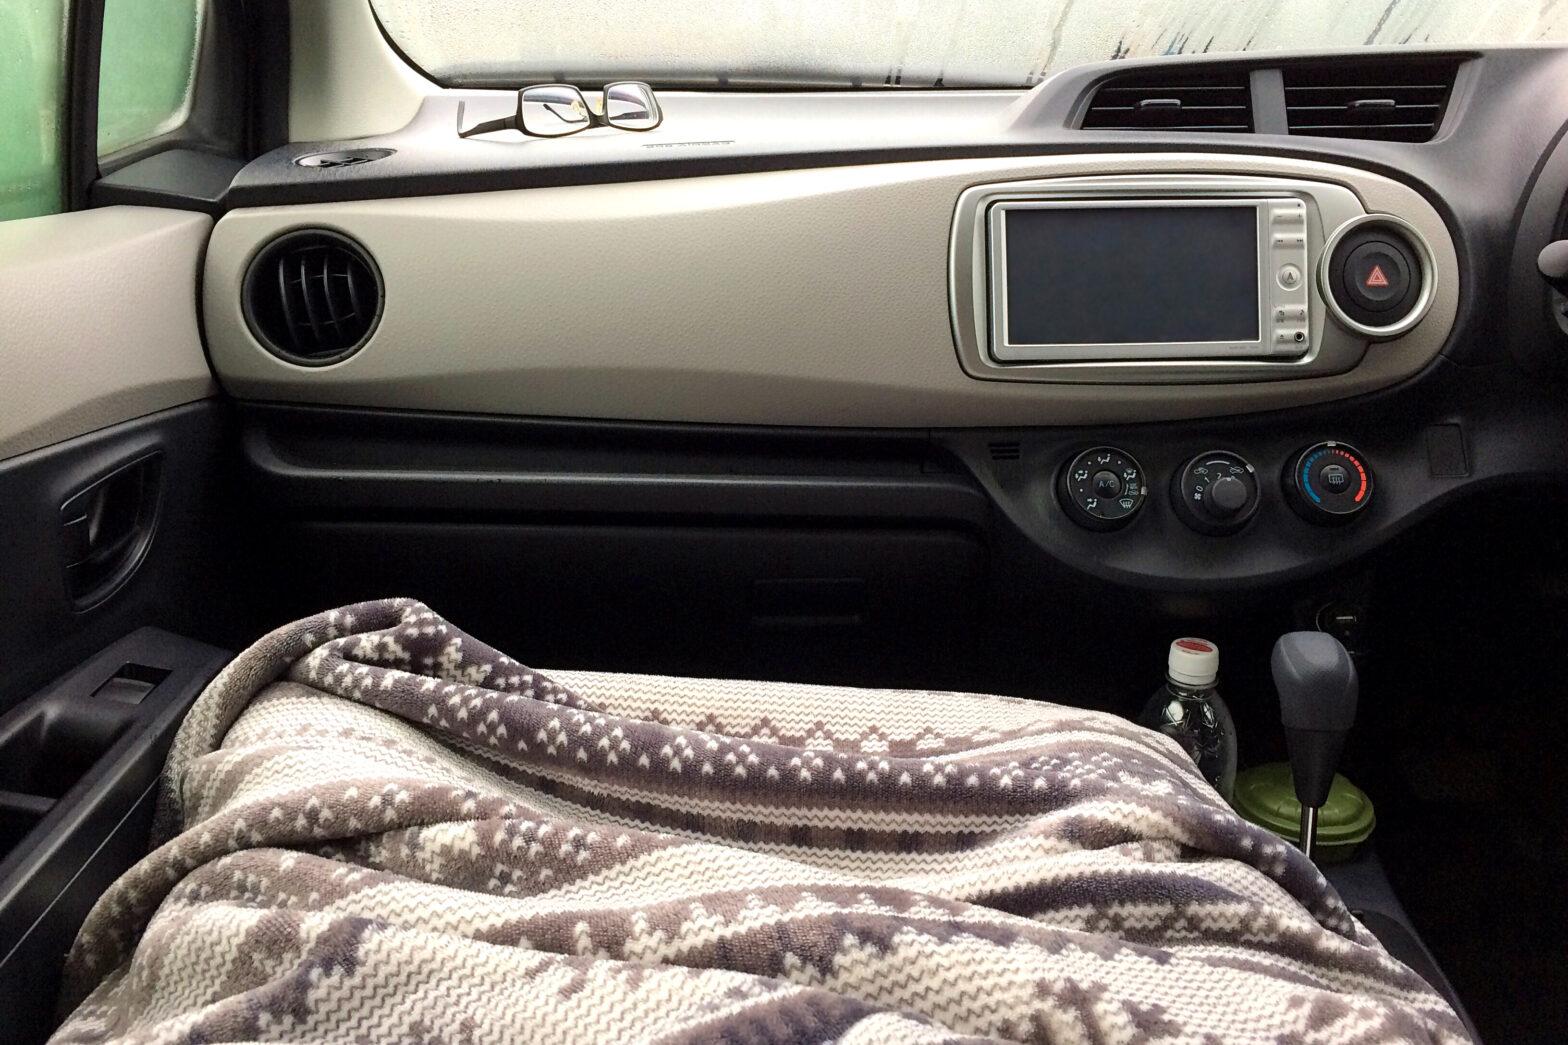 車中泊を快適に!おすすめ便利グッズ20選&選び方のポイント